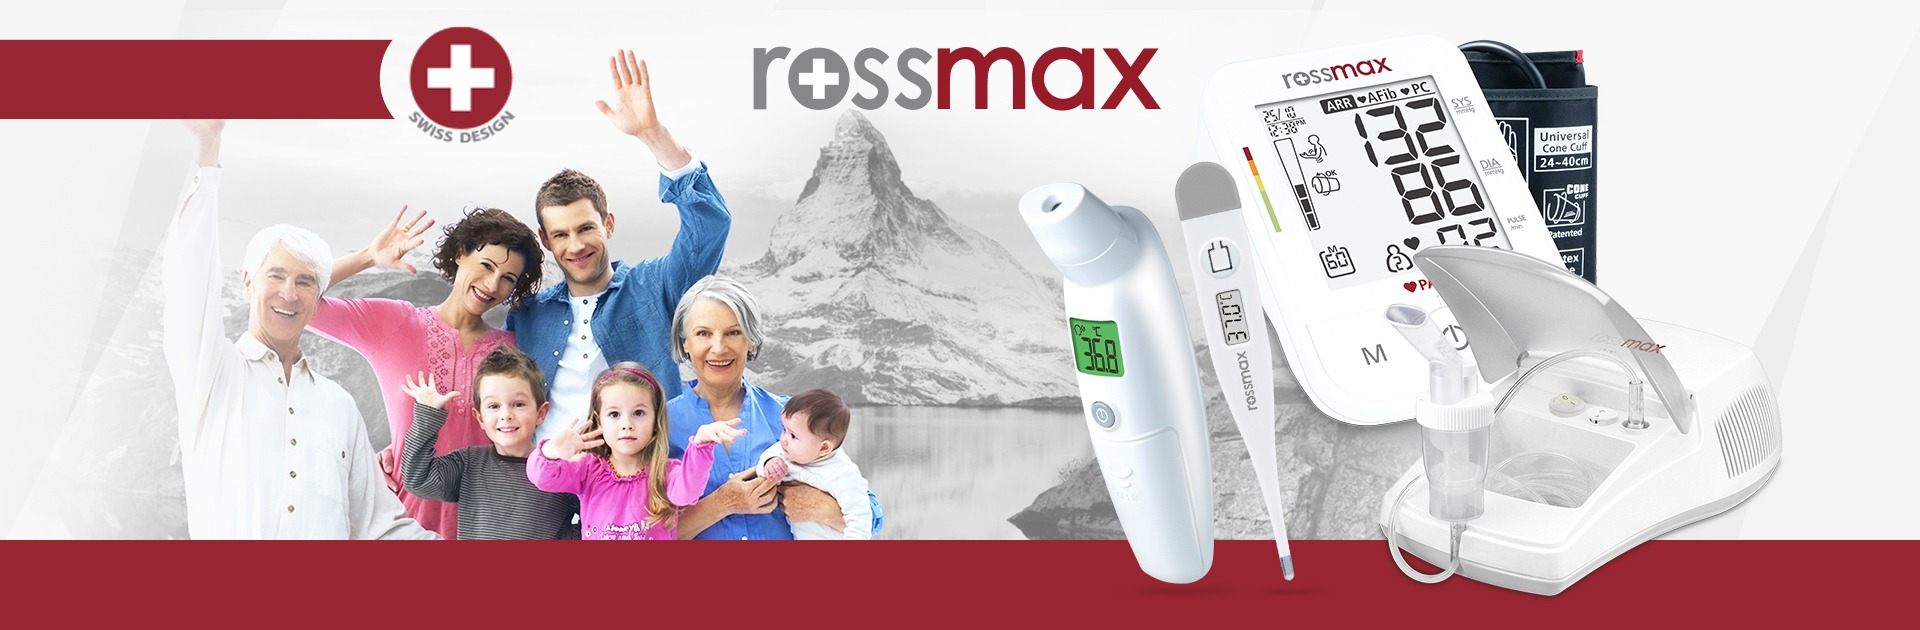 rossmax banner vhodna